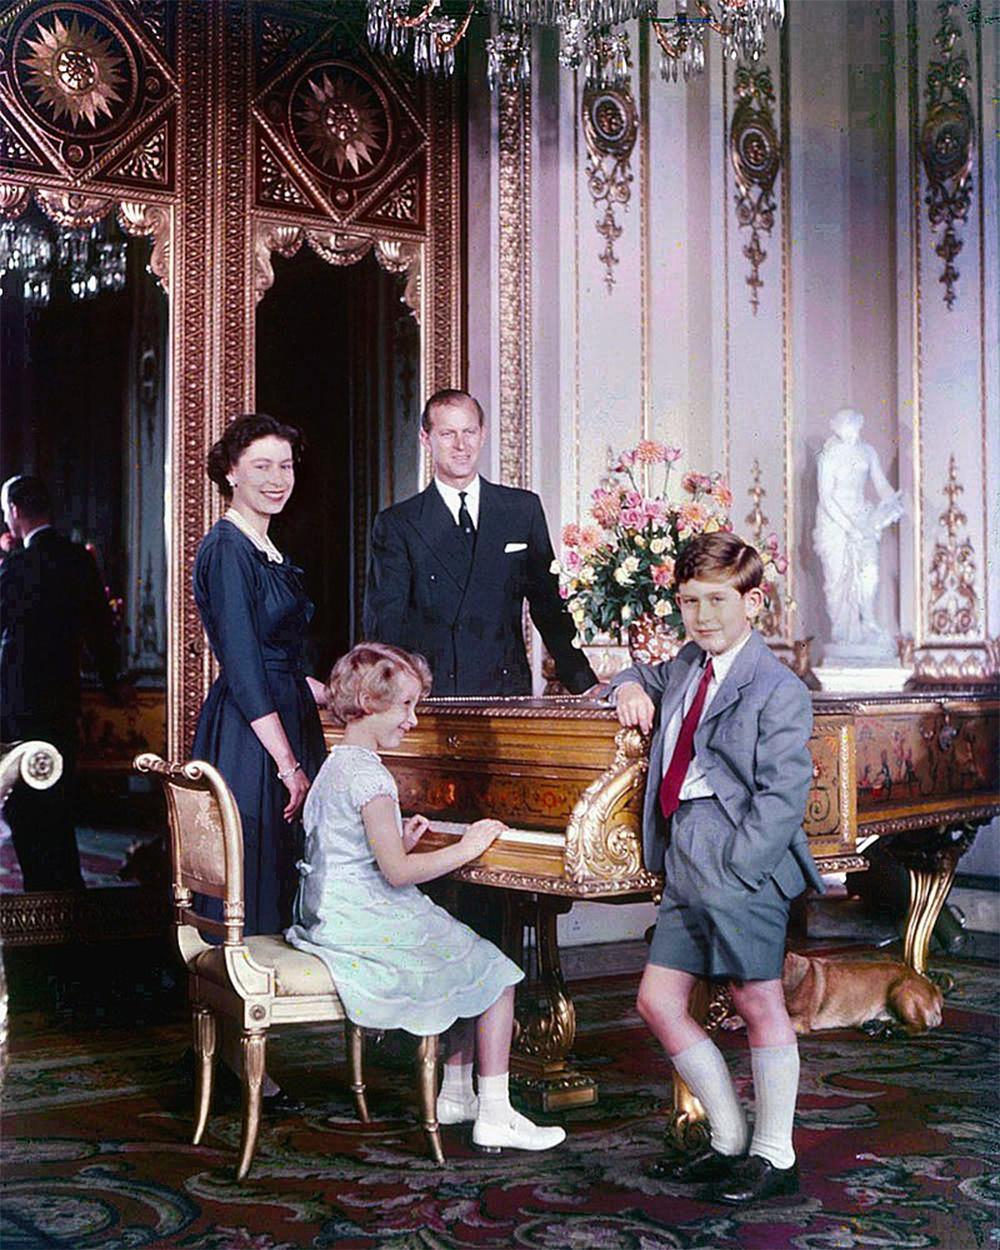 Королева Елизавета, герцог Эдинбургский Филипп, принц Чарльз и принцесса Анна в октябре 1957 года